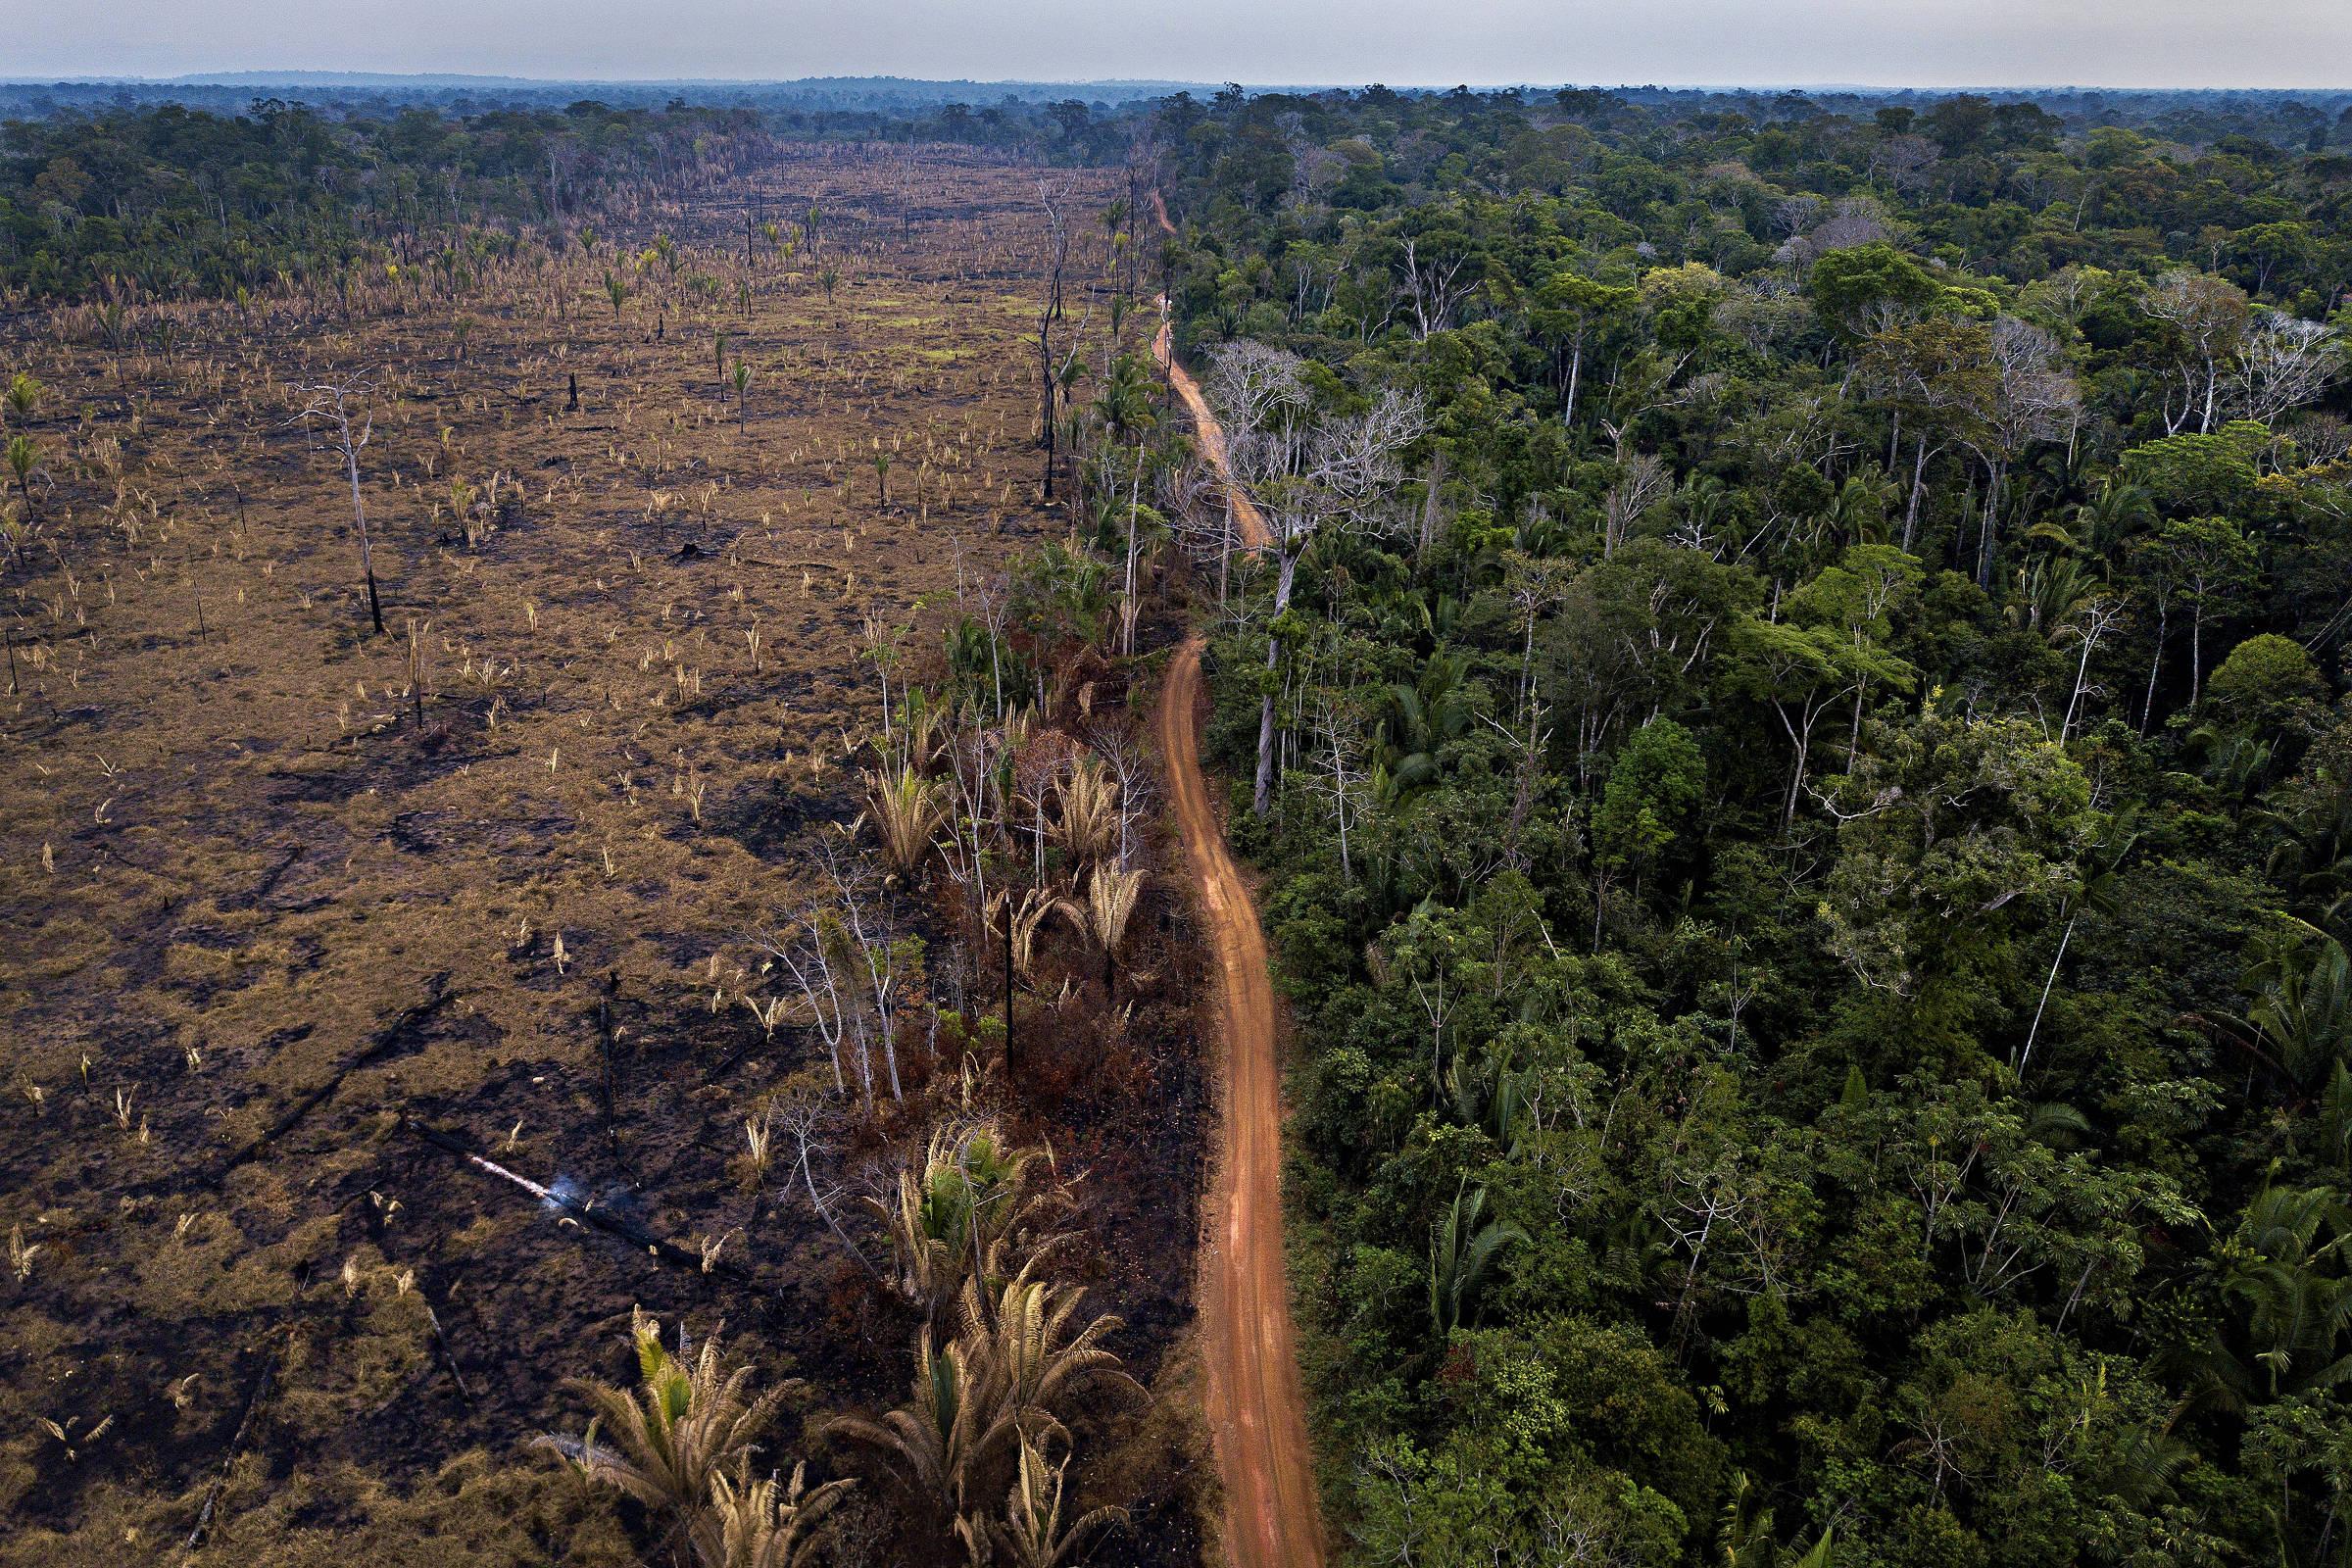 Área desmatada na APA Rio Pardo, no limite com a Floresta Nacional Bom Futuro, em Rondônia, em imagem de 2018